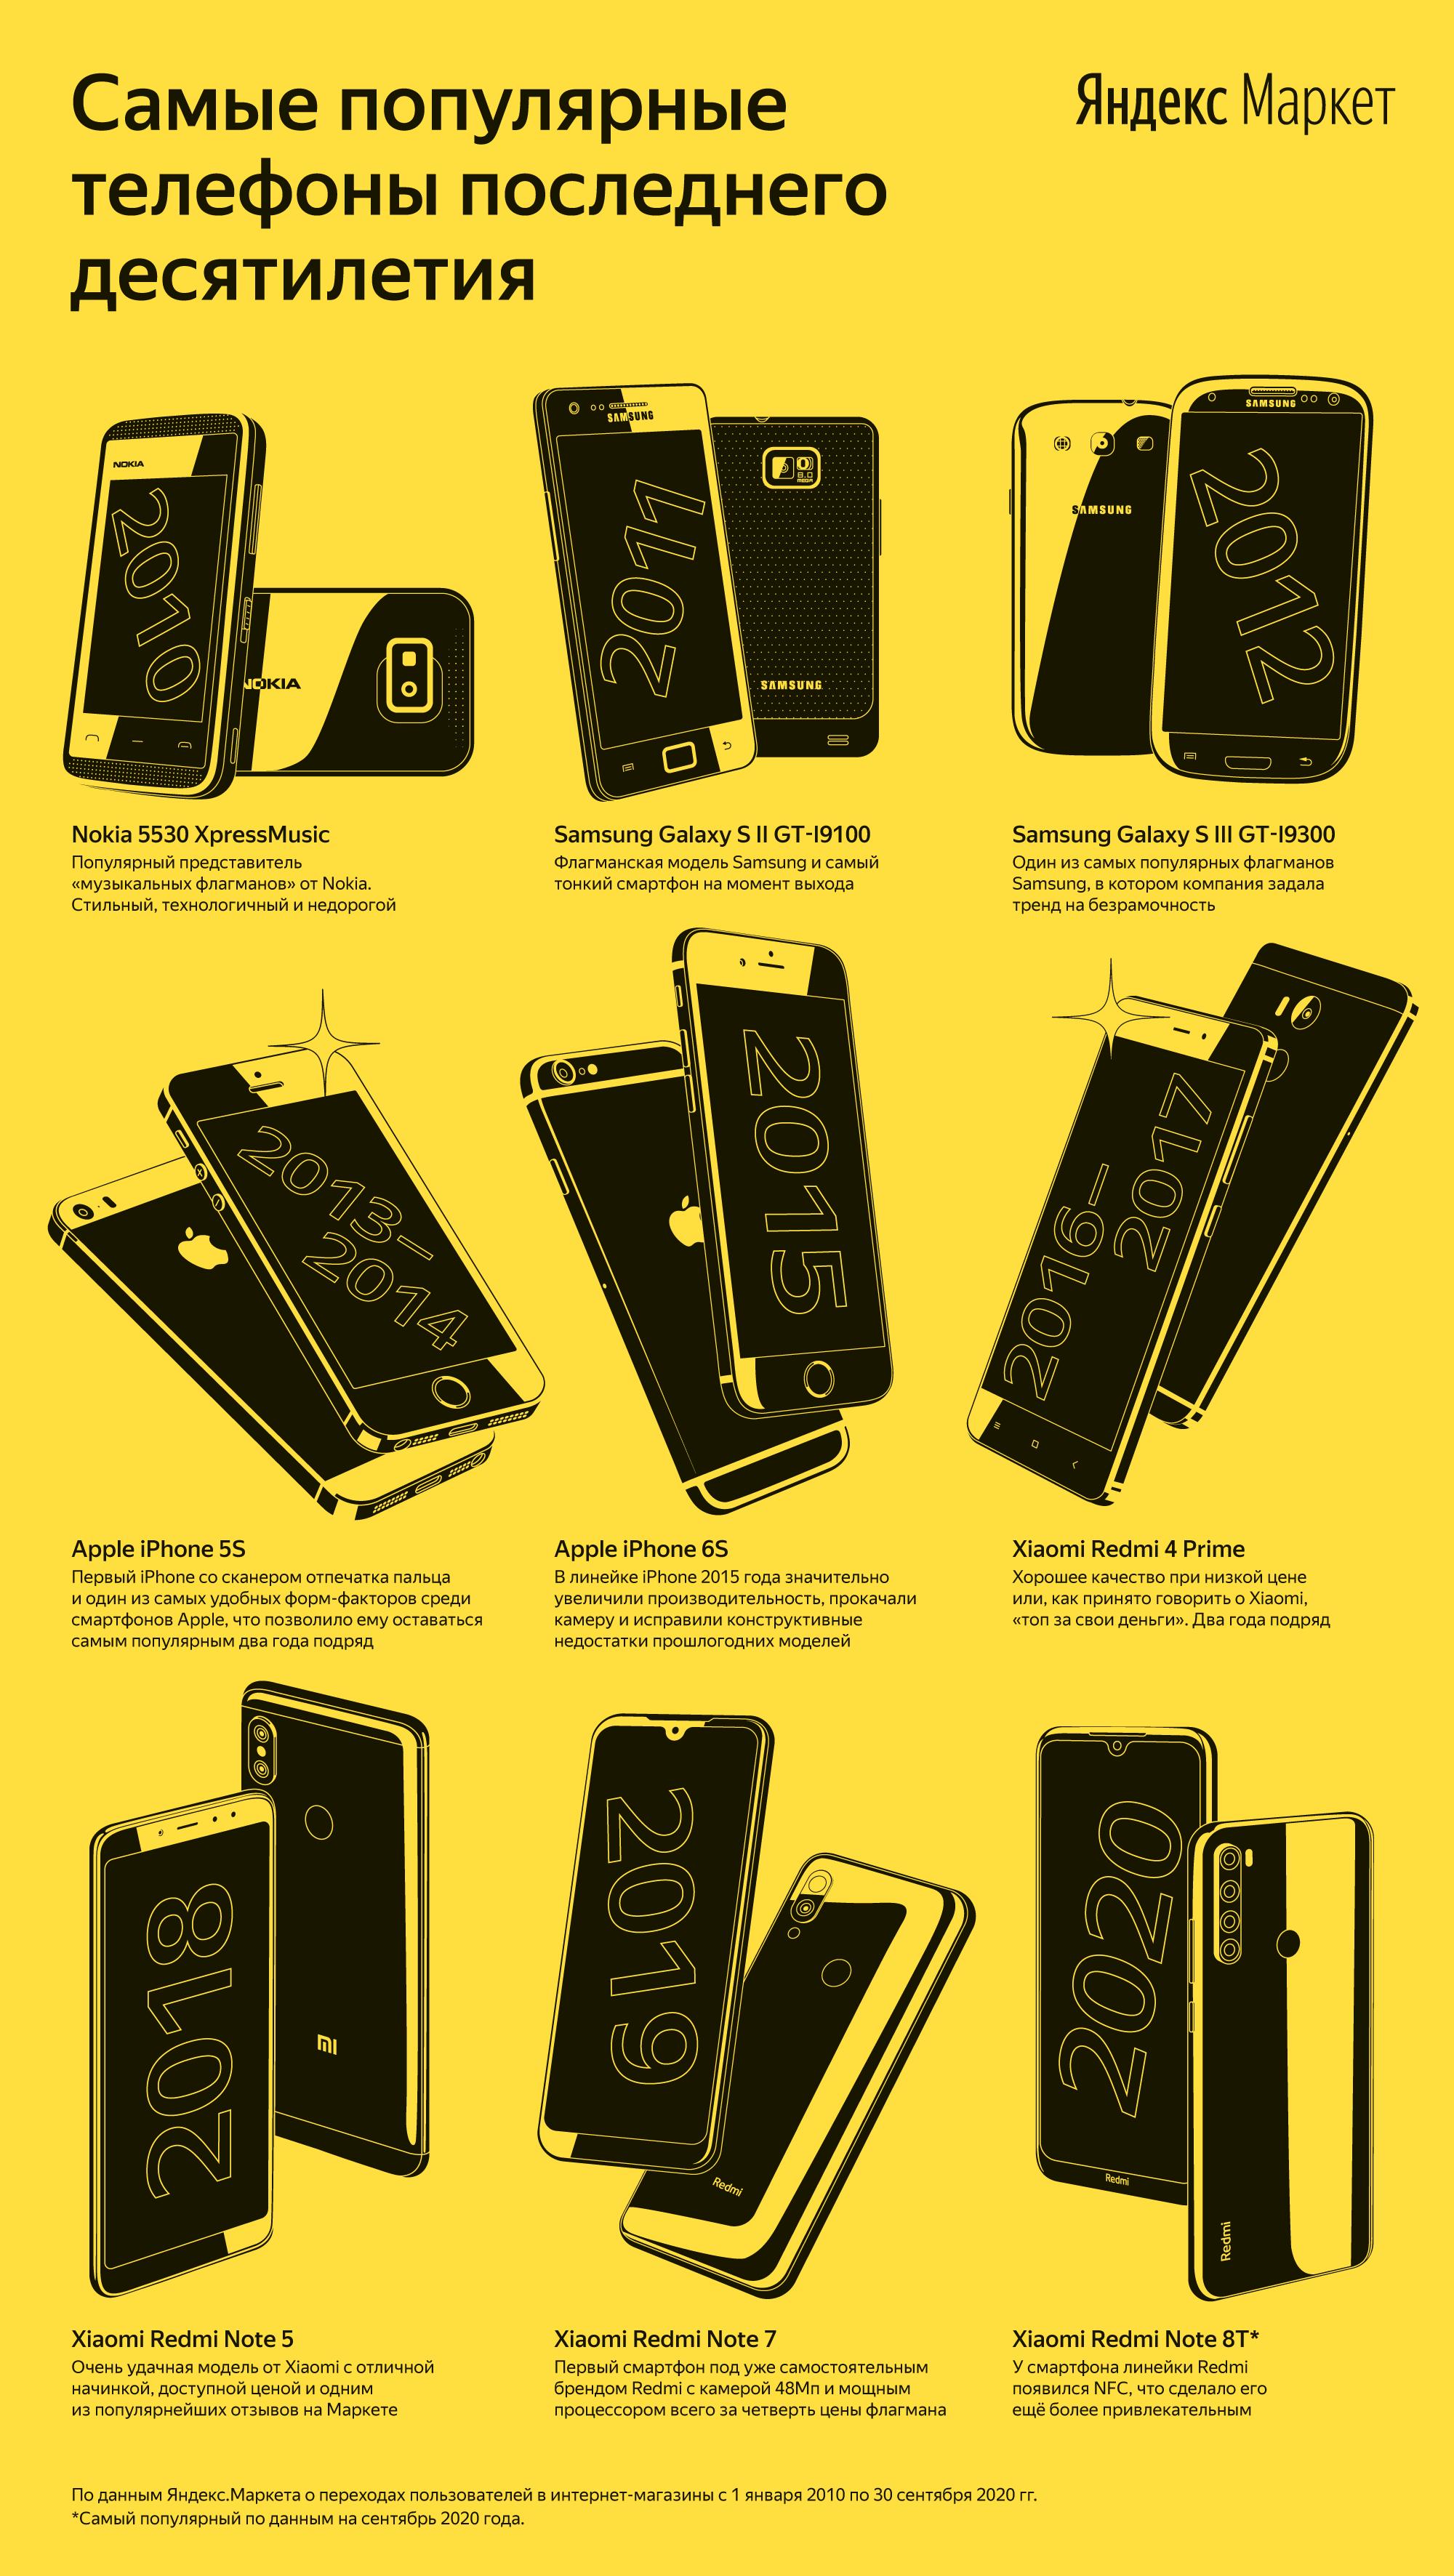 Самые популярные телефоны десятилетия